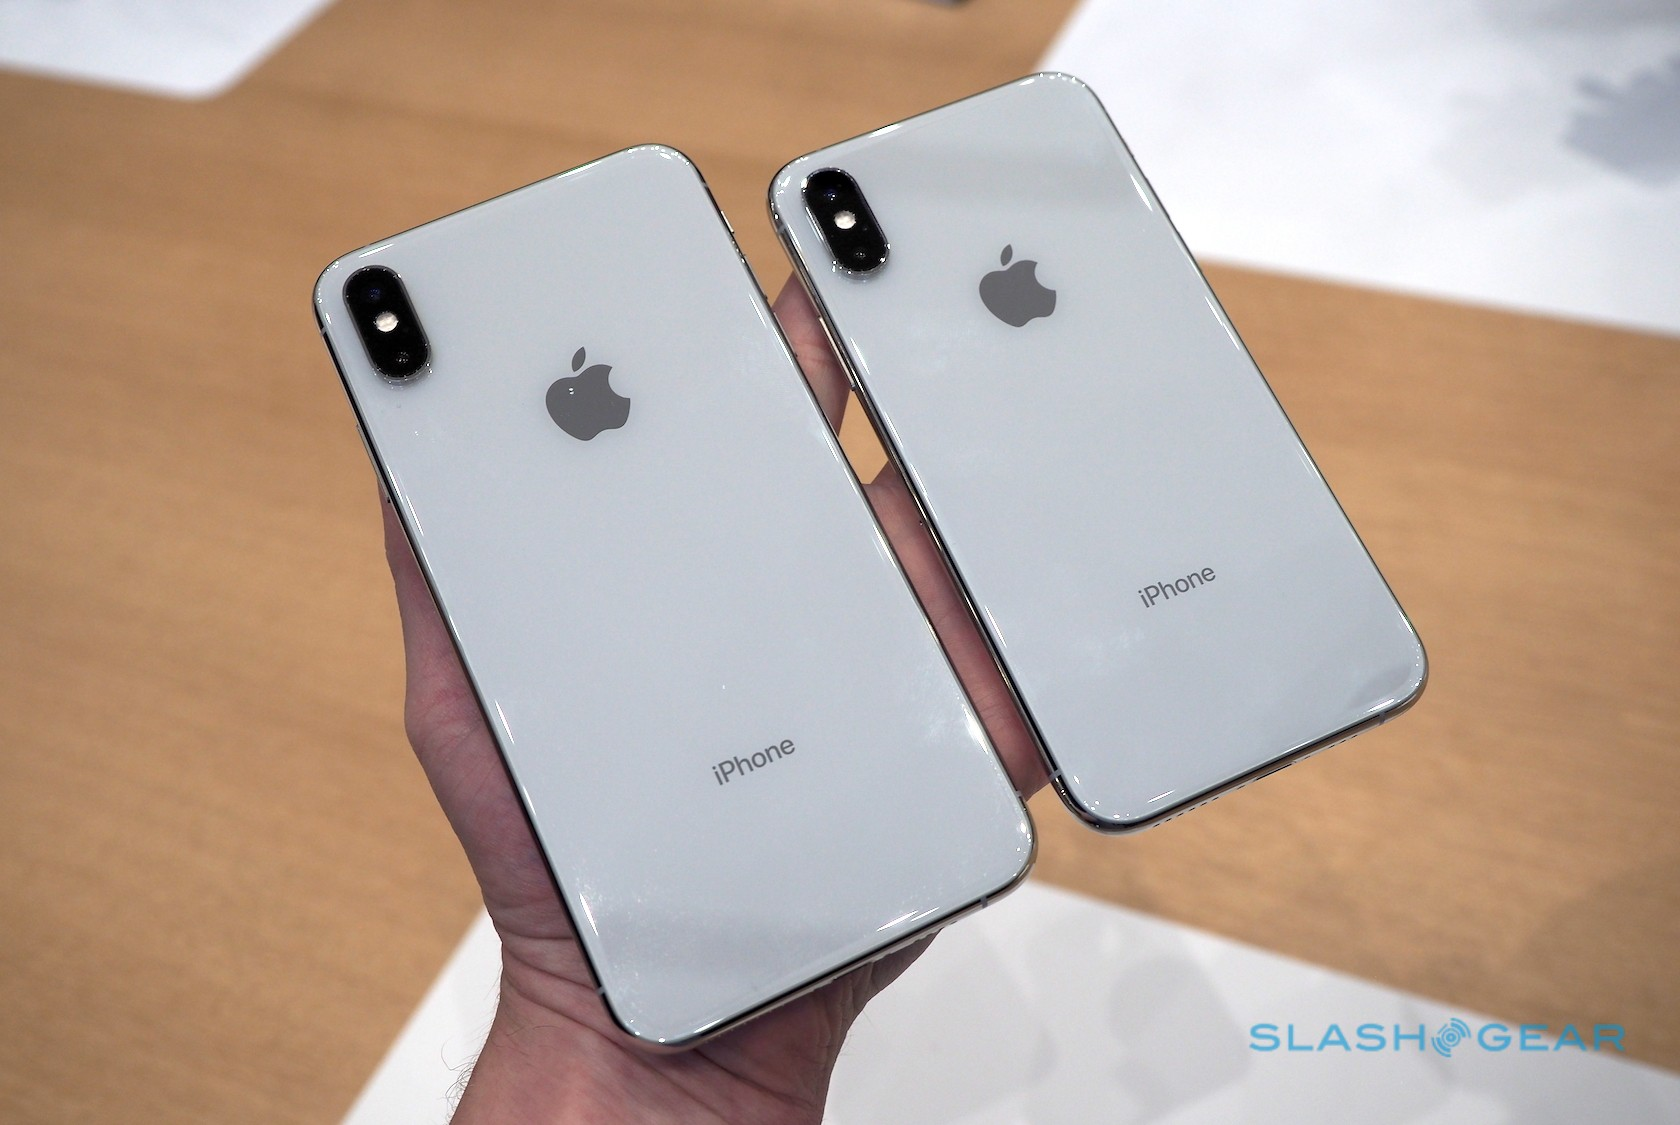 Cảm nhận dùng iPhone Xs trực tiếp sớm nhất: Cái gì cũng tốt, chỉ duy nhất một thứ đáng chê! - Ảnh 6.